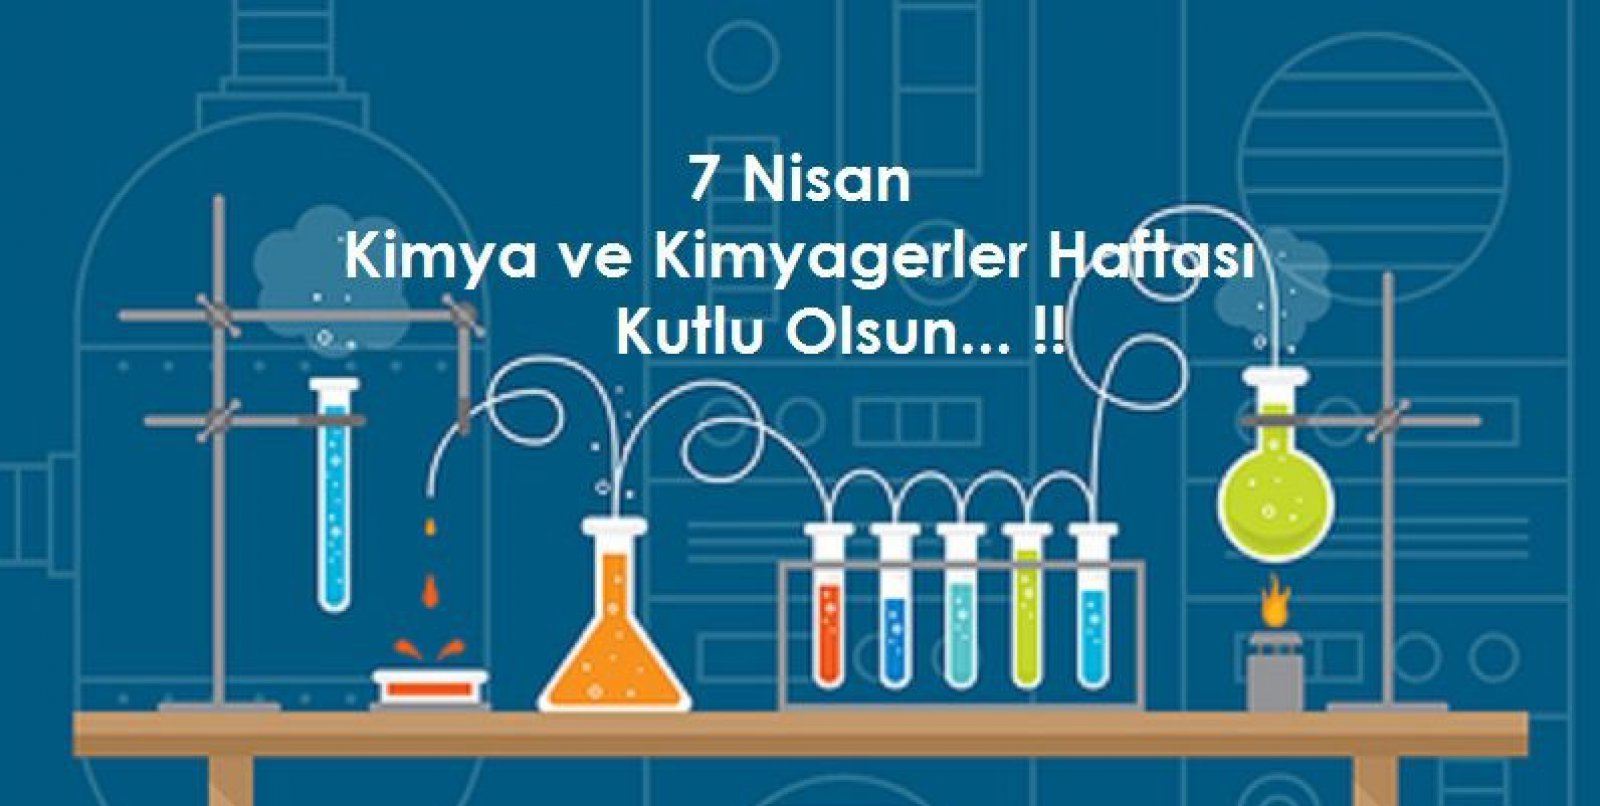 7 Nisan Dünya Kimya ve Kimyagerler Haftası